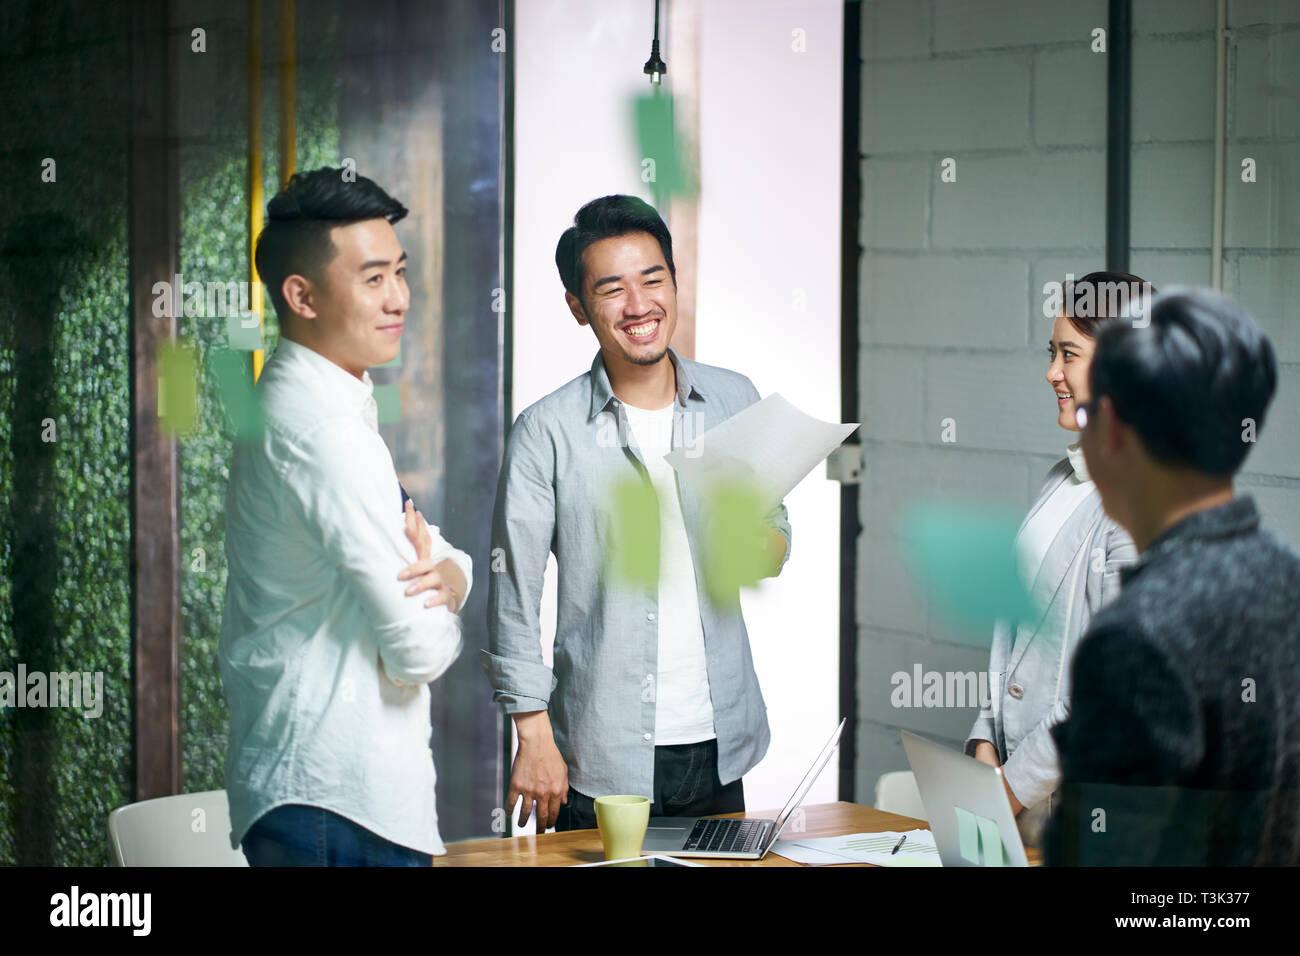 Heureux les jeunes entrepreneurs d'Asie au cours de la conversation de l'équipe d'affaires au bureau. Banque D'Images